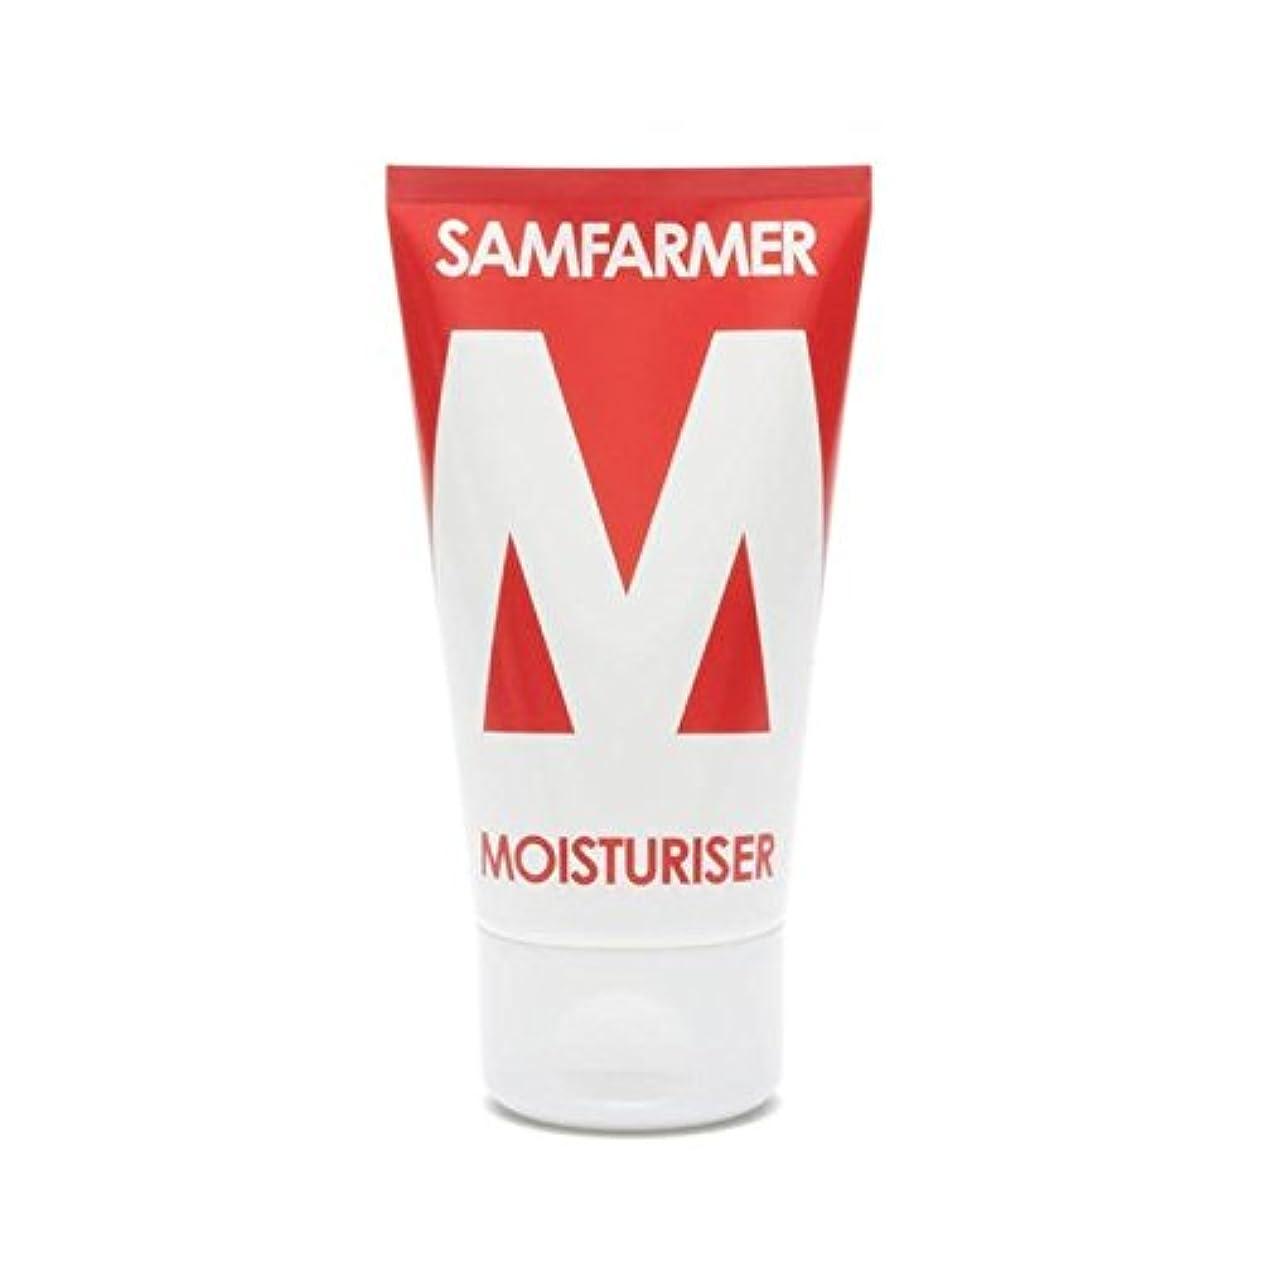 を除く分析治すユニセックス保湿50ミリリットル x2 - SAMFARMER Unisex Moisturiser 50ml (Pack of 2) [並行輸入品]